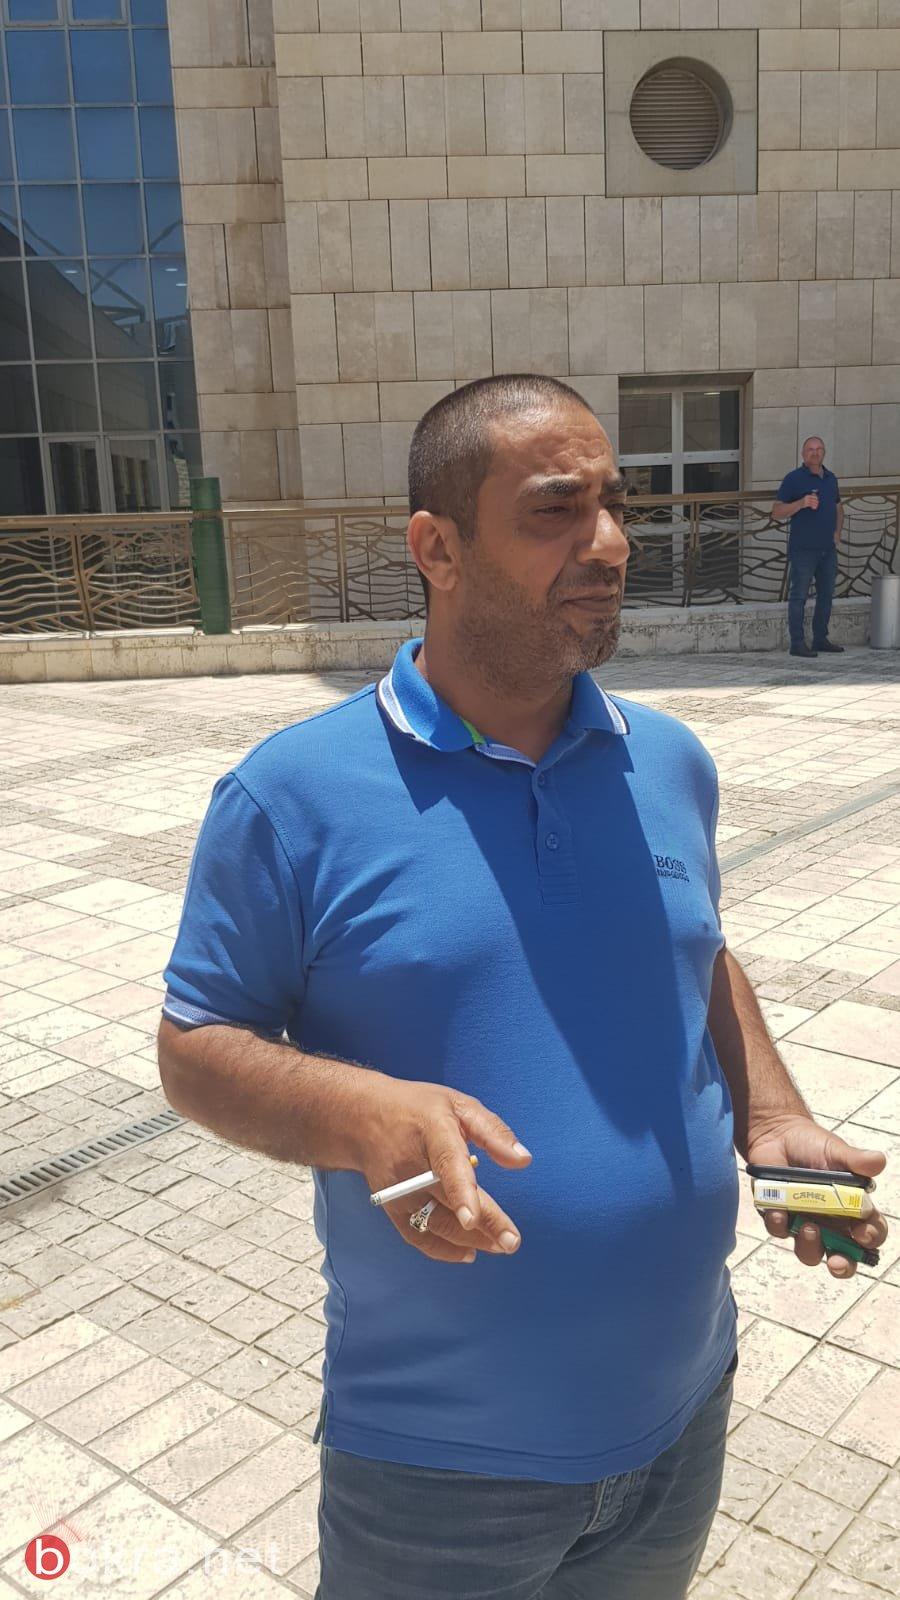 فك رموز الجريمة.. اتّهام عبد المجيد واكد من الناصرة بقتل توفيق زهر، والعائلة تنفي